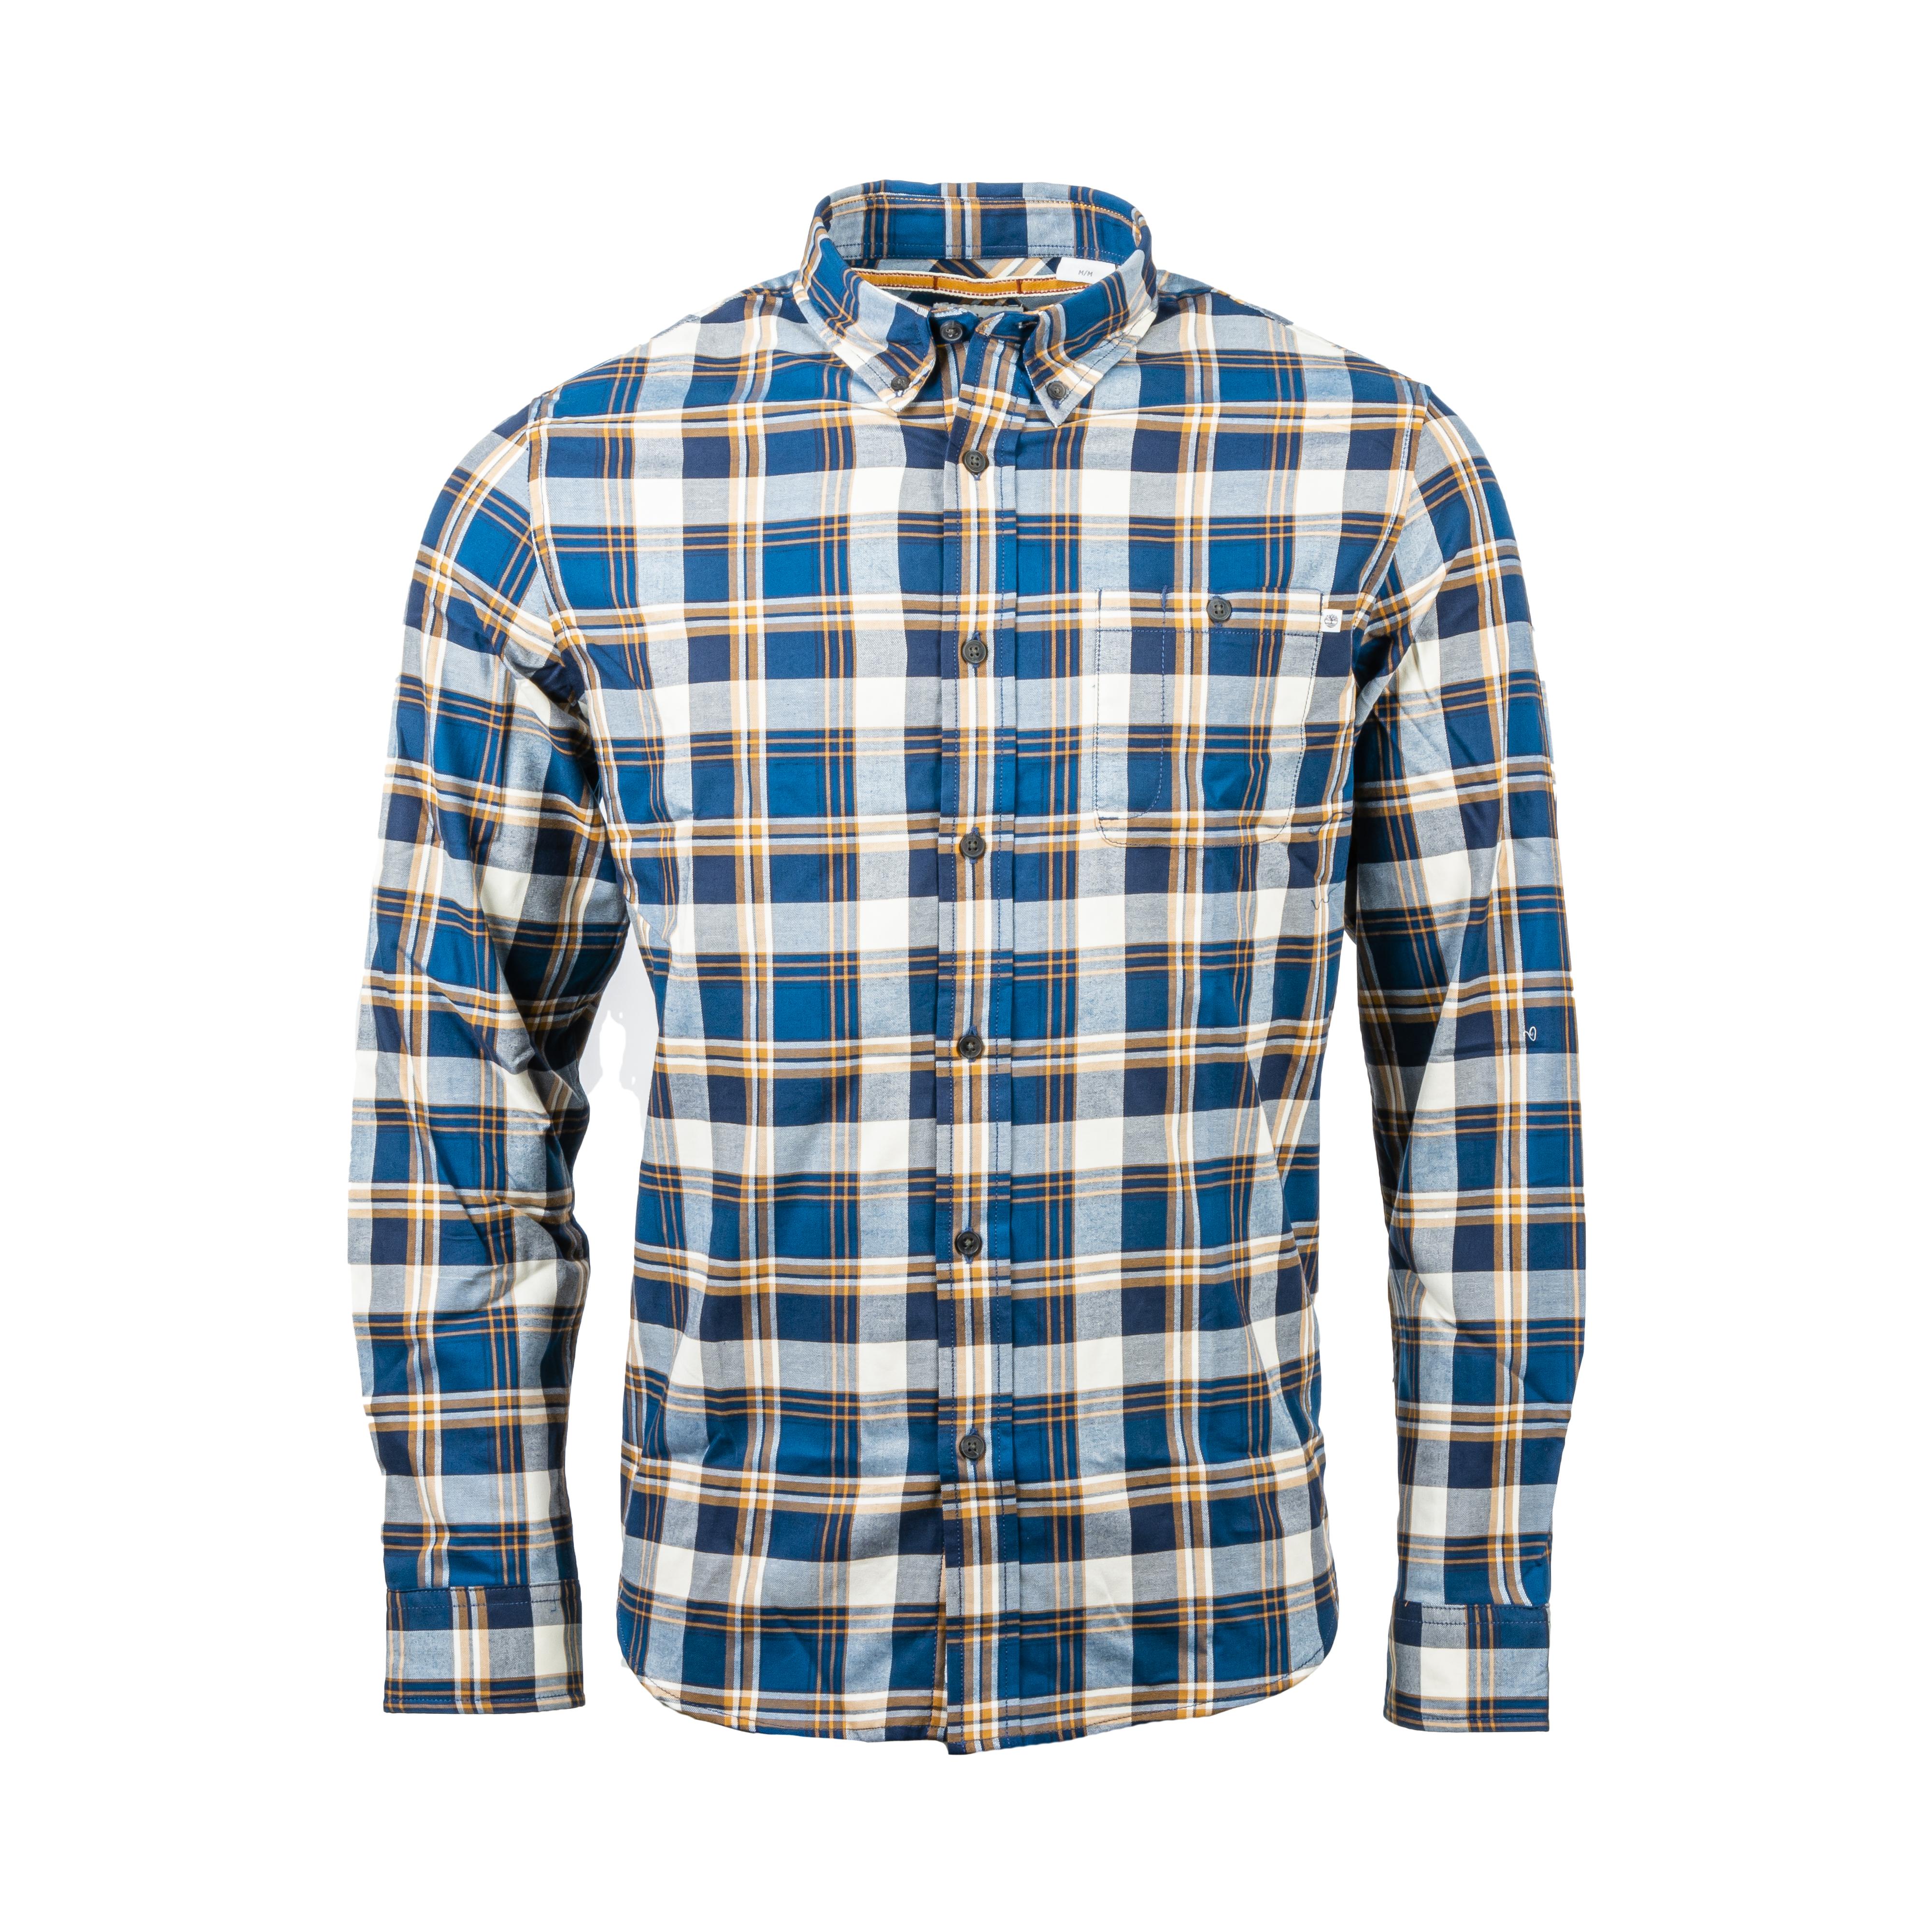 Chemise ajustée  en coton à carreaux bleus, blancs et orange